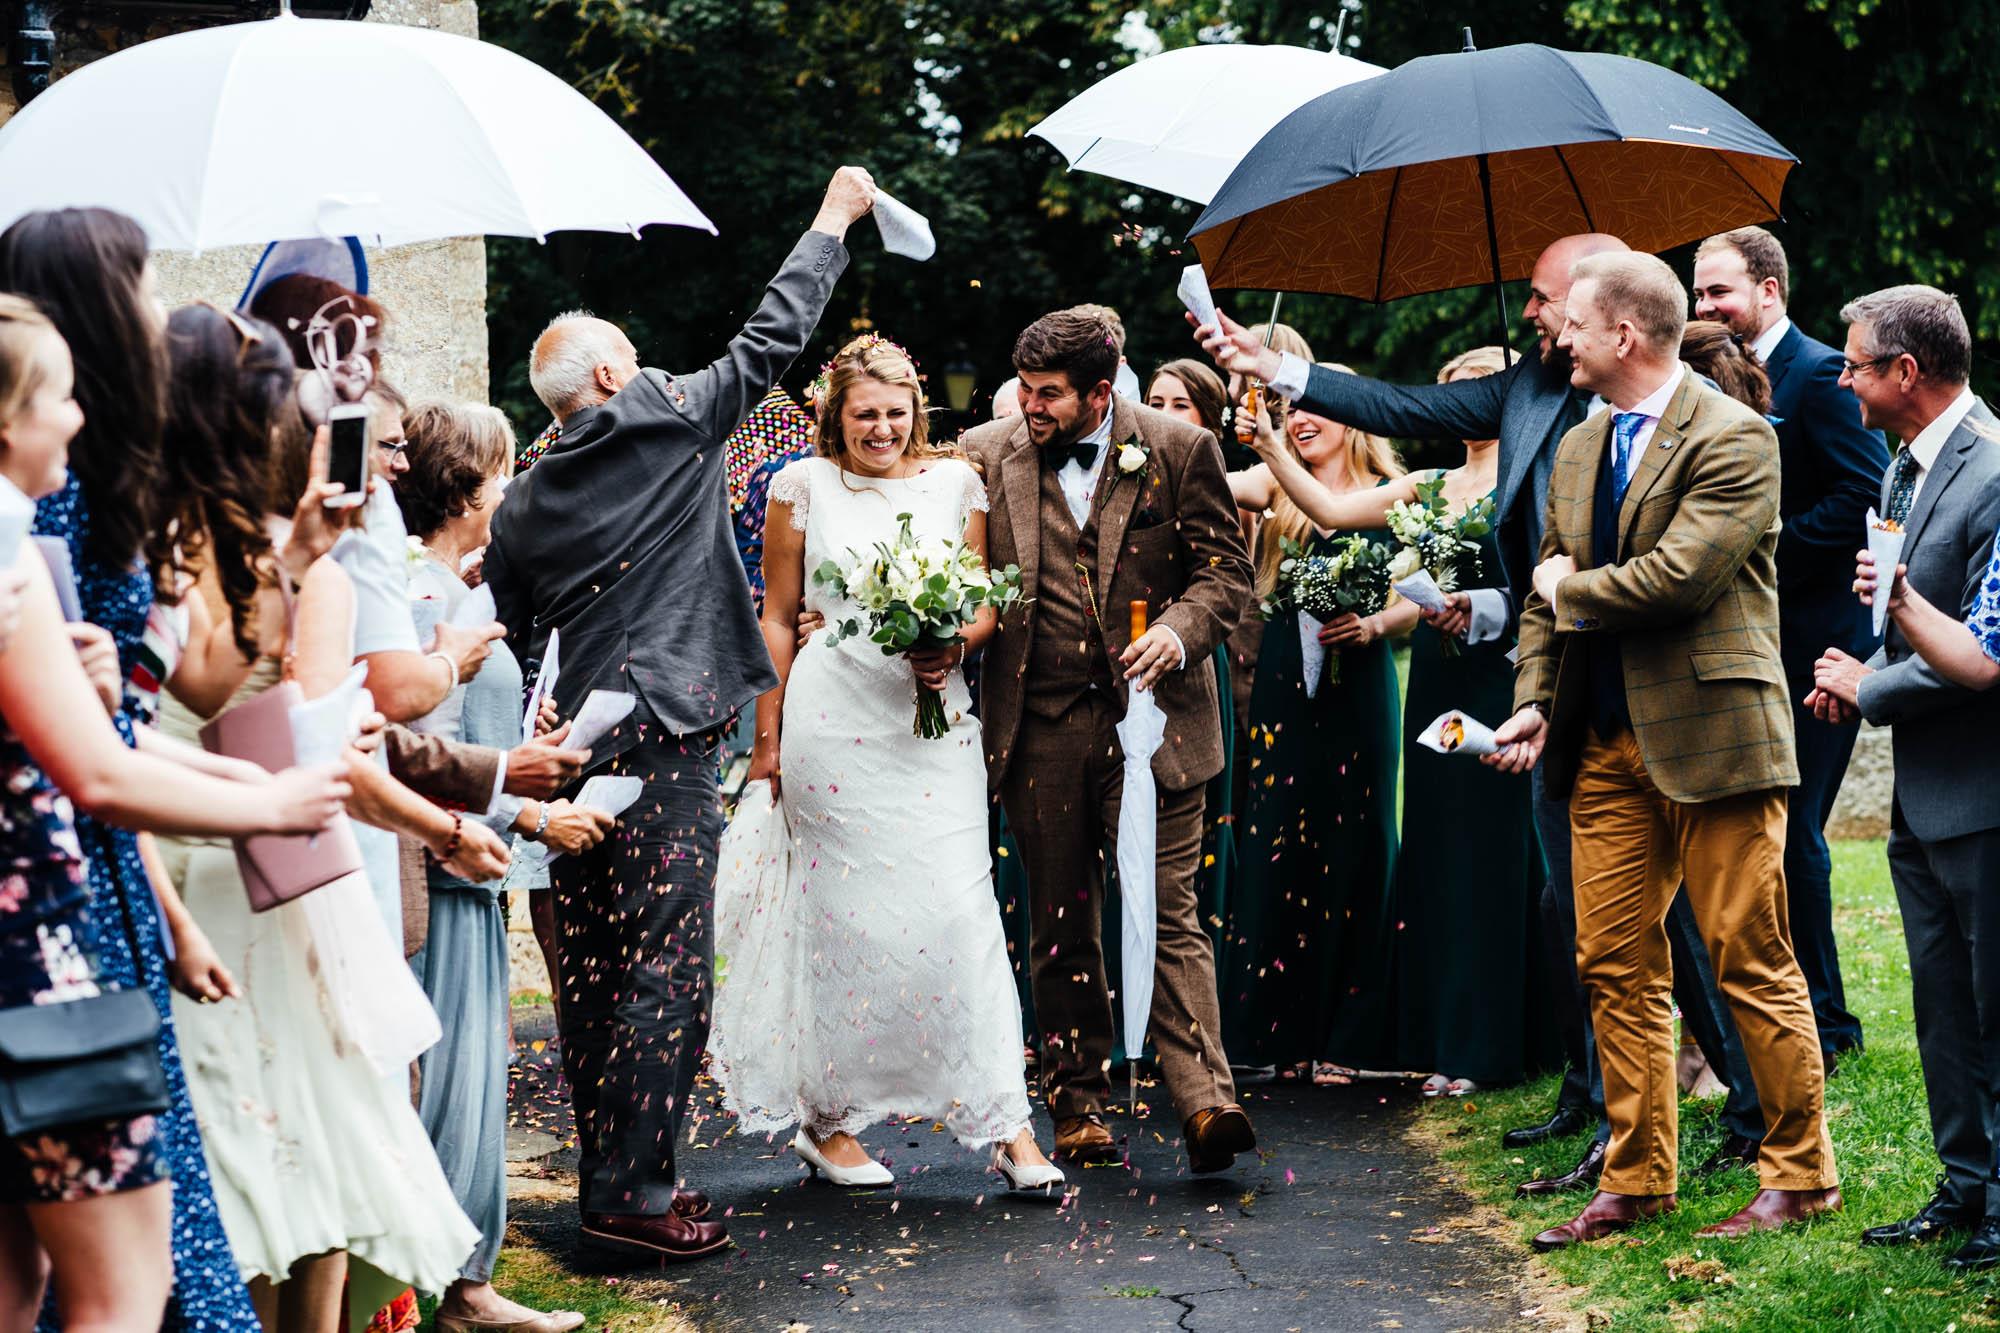 village-fete-wedding-28